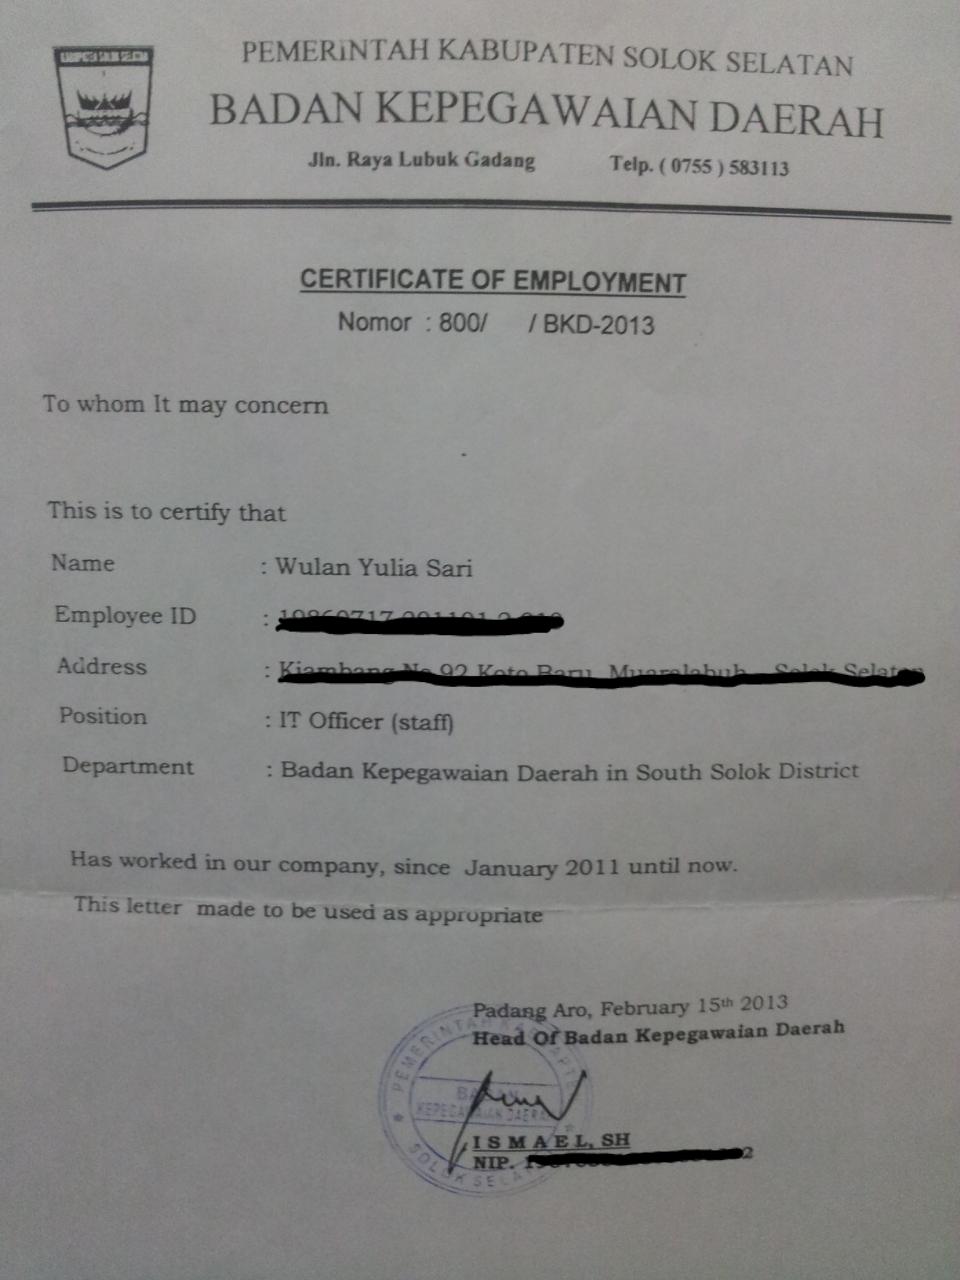 Lowongan Kerja Pekerjaan Versi Bahasa Inggris Situs Lowongan Kerja Indonesia Karir Kerja Mu 9 Ags 2014 Contoh Surat Keterangan Kerja Sebuah Surat